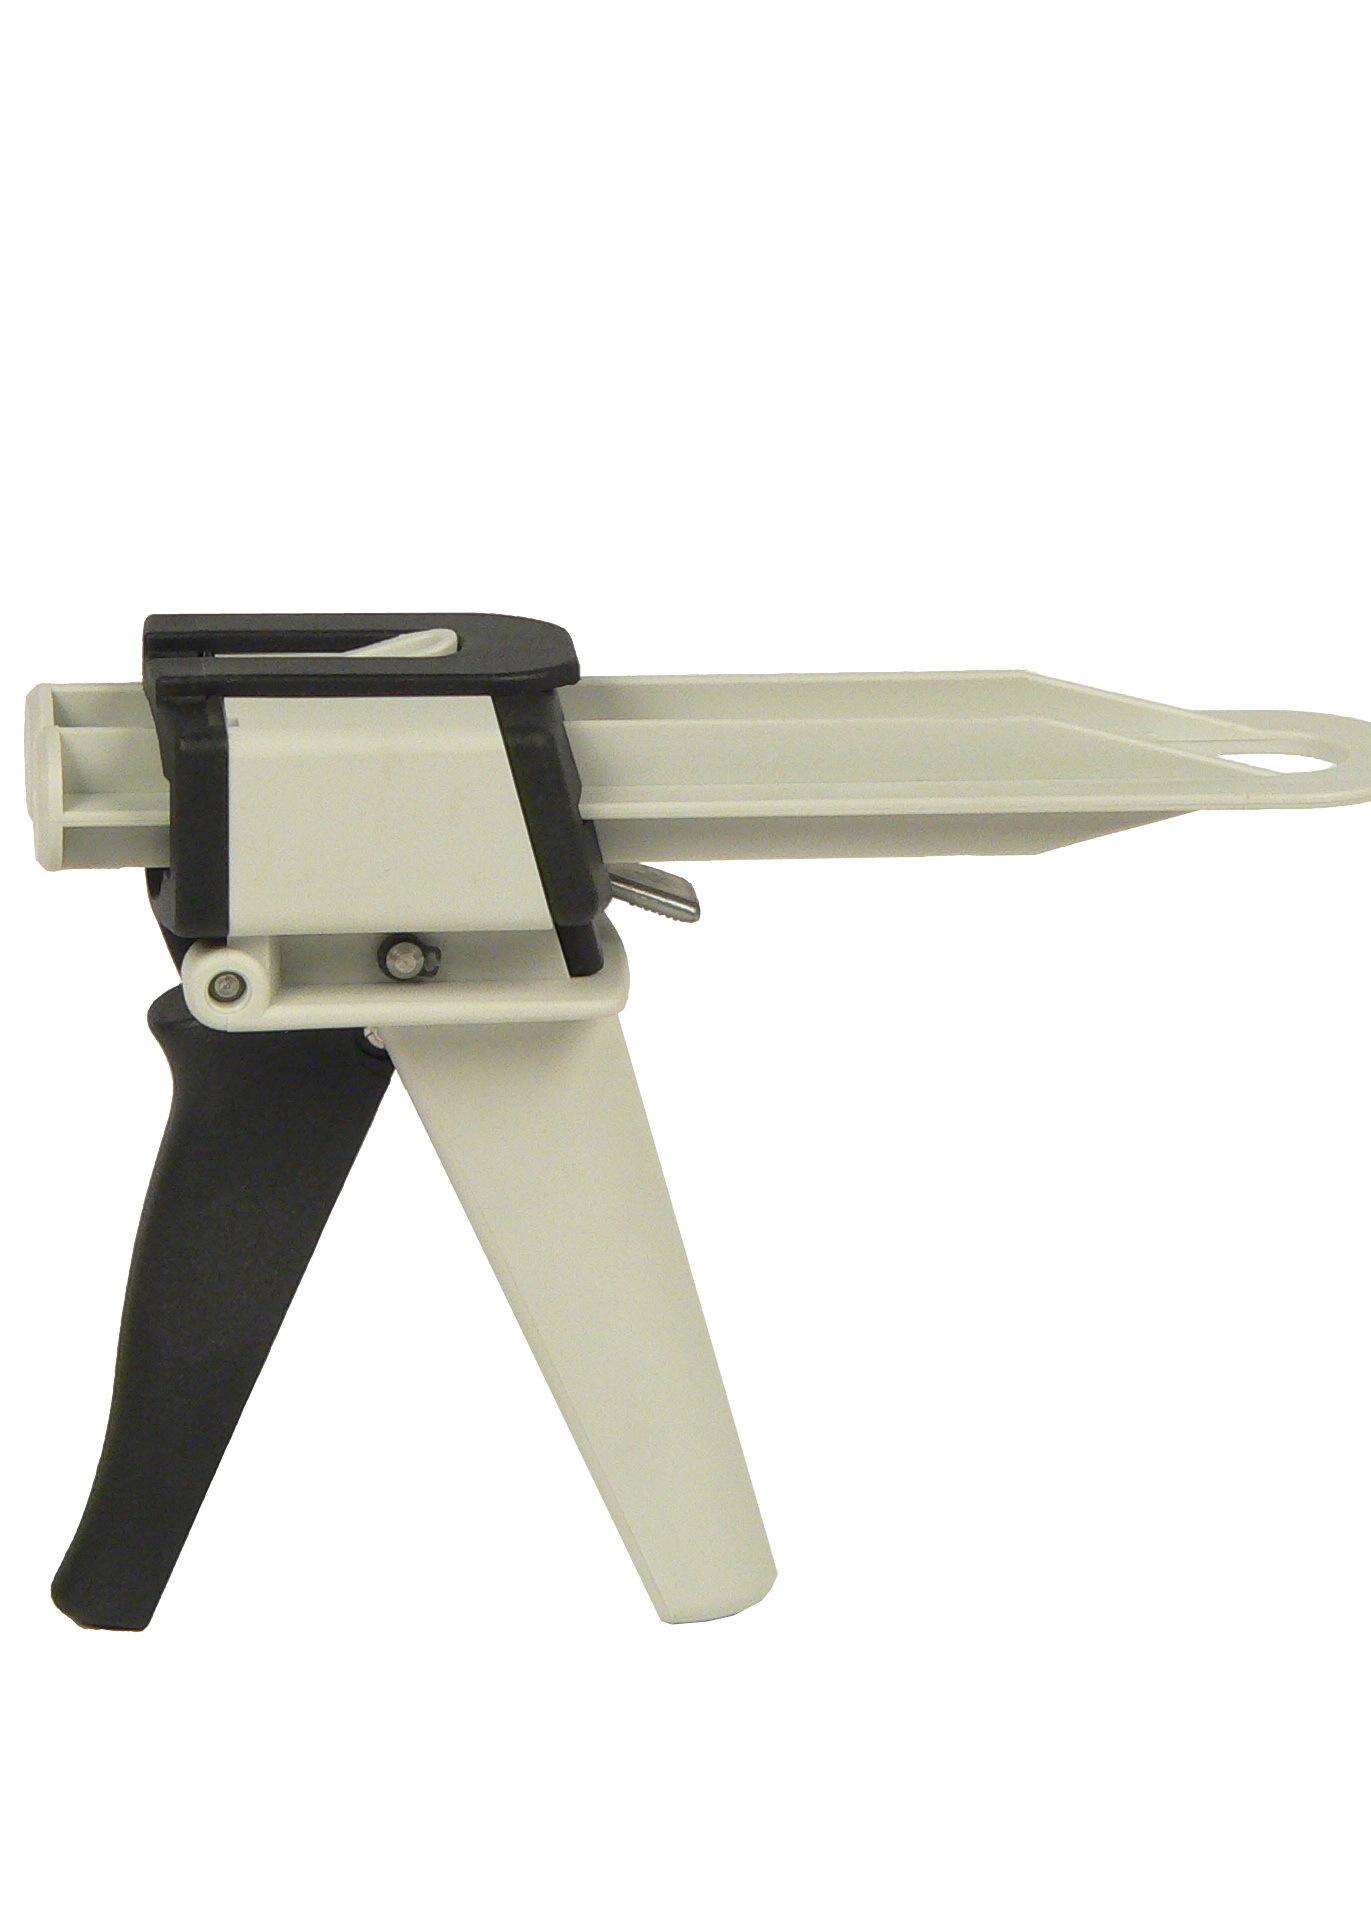 Doppelkartuschen-Handpistole S1400